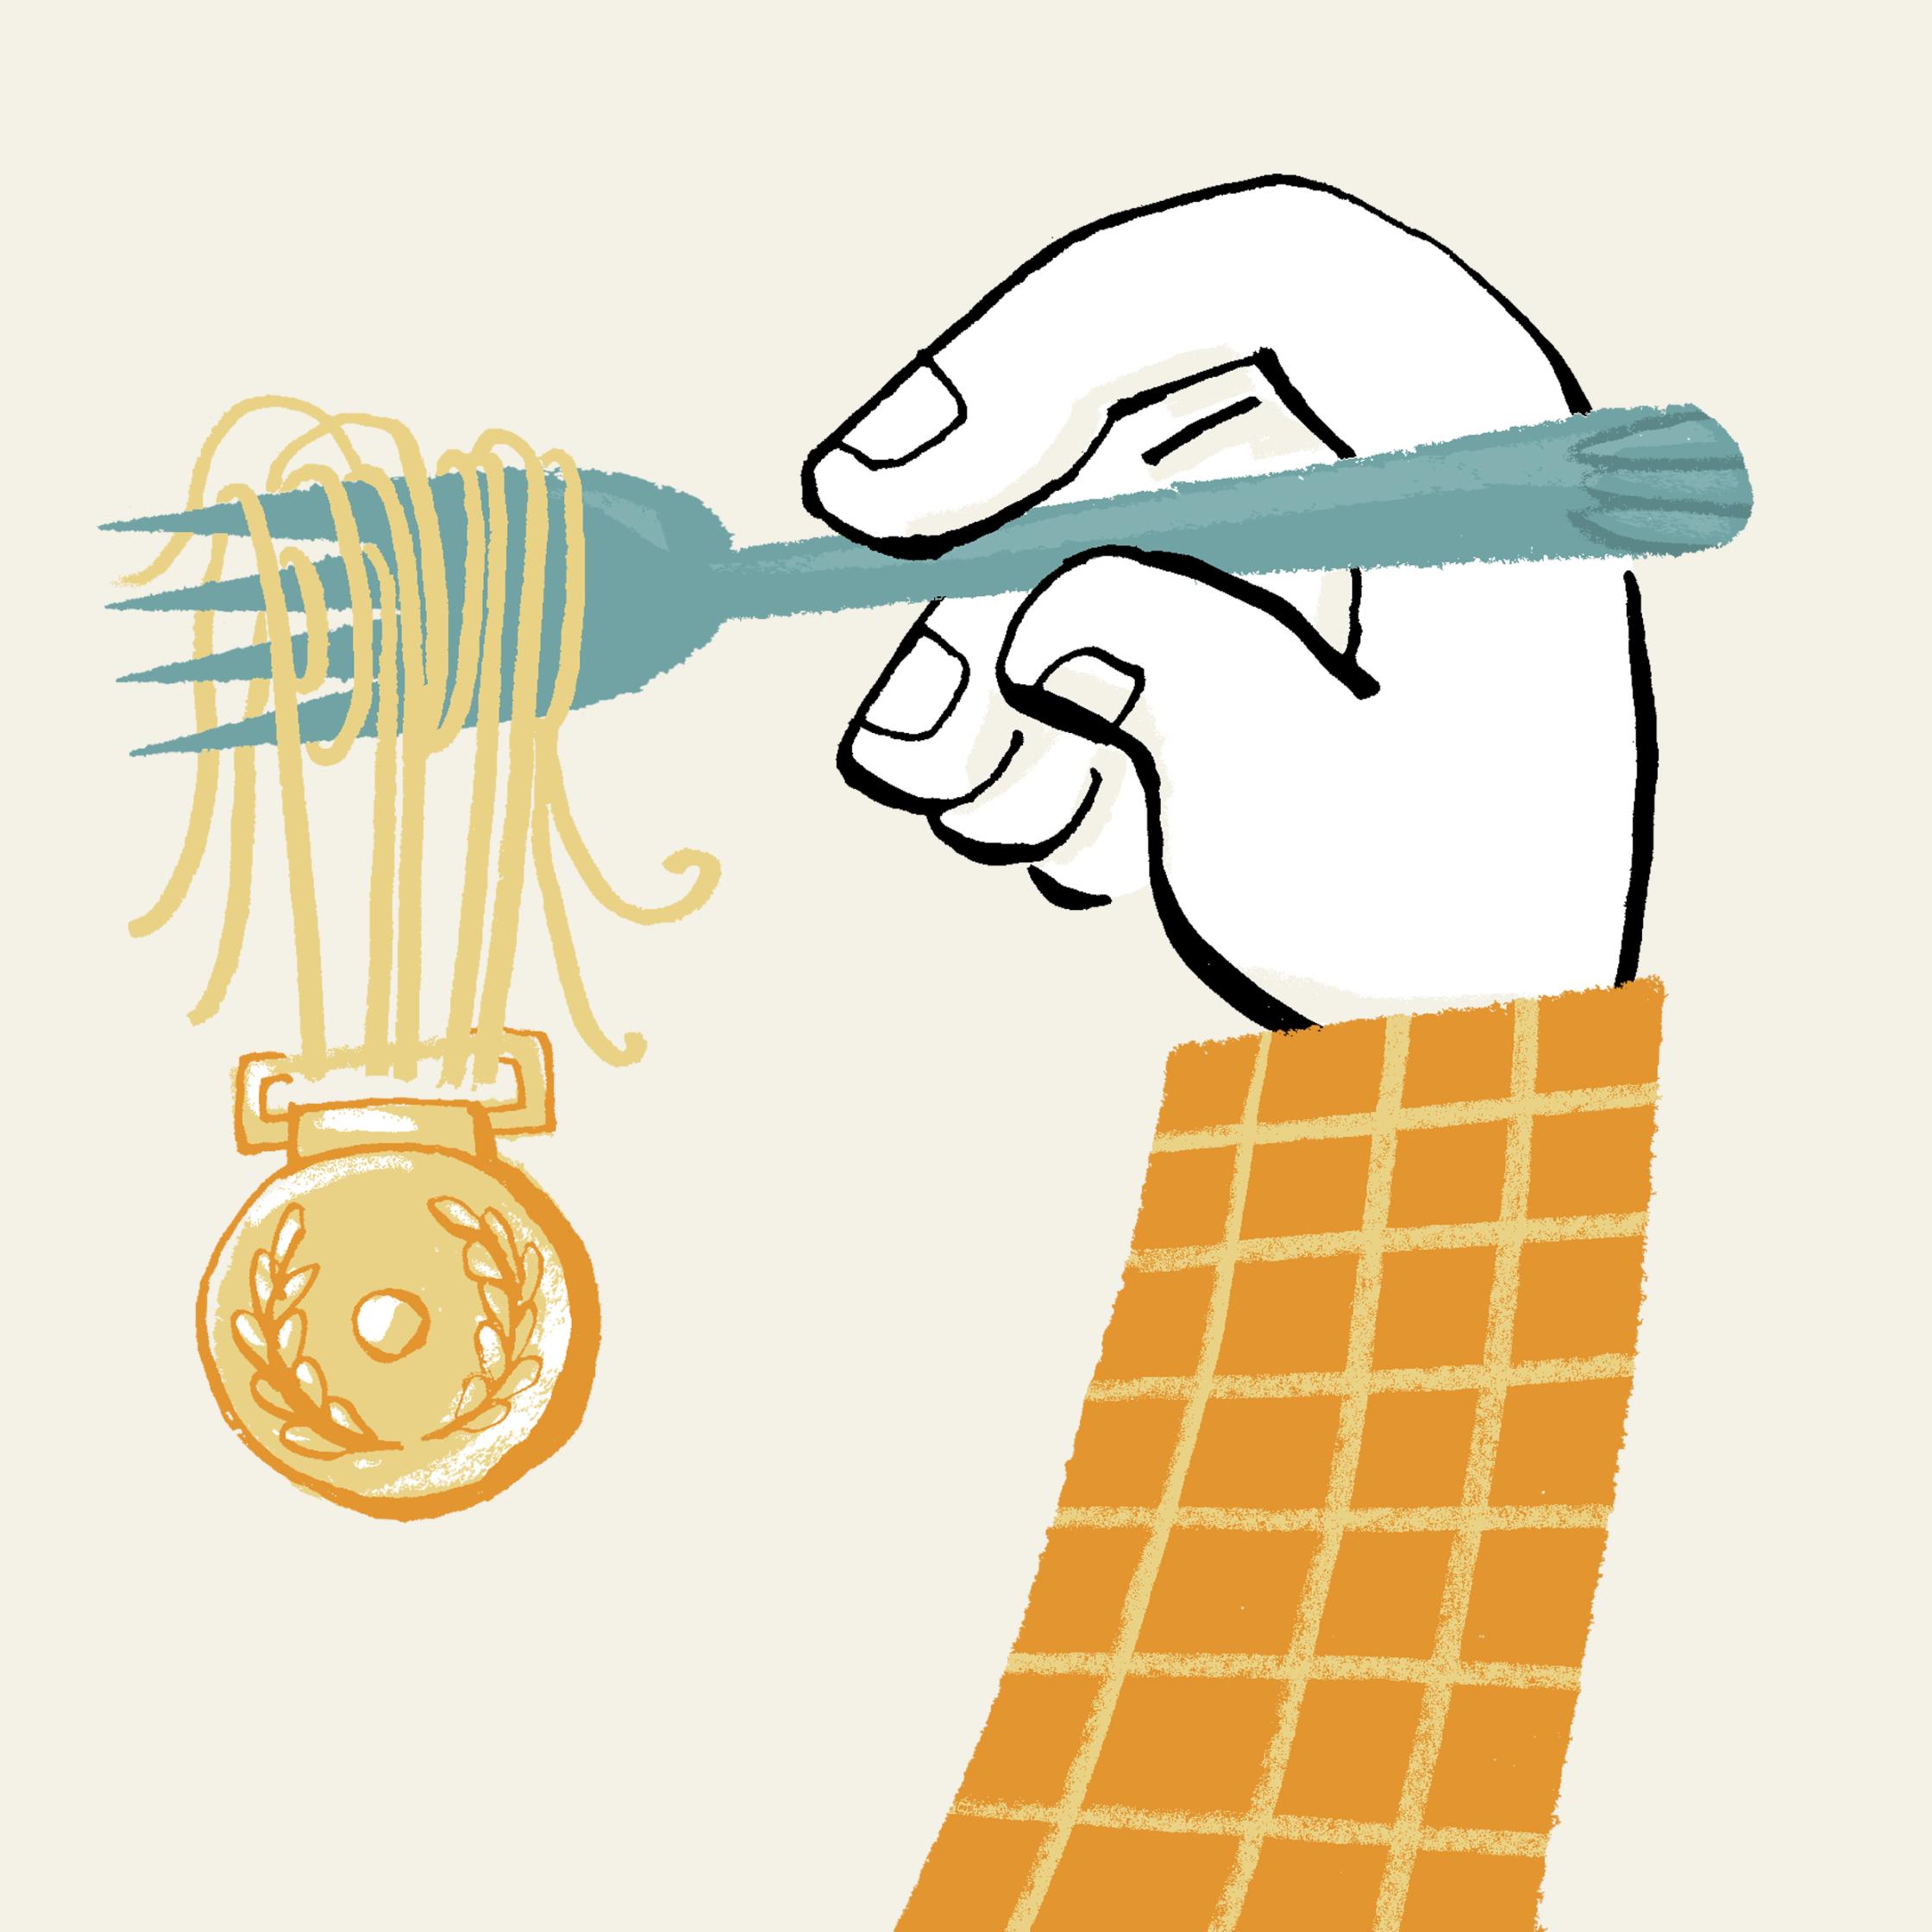 Streich-1843-mag-economist-award-winning-pasta.jpg